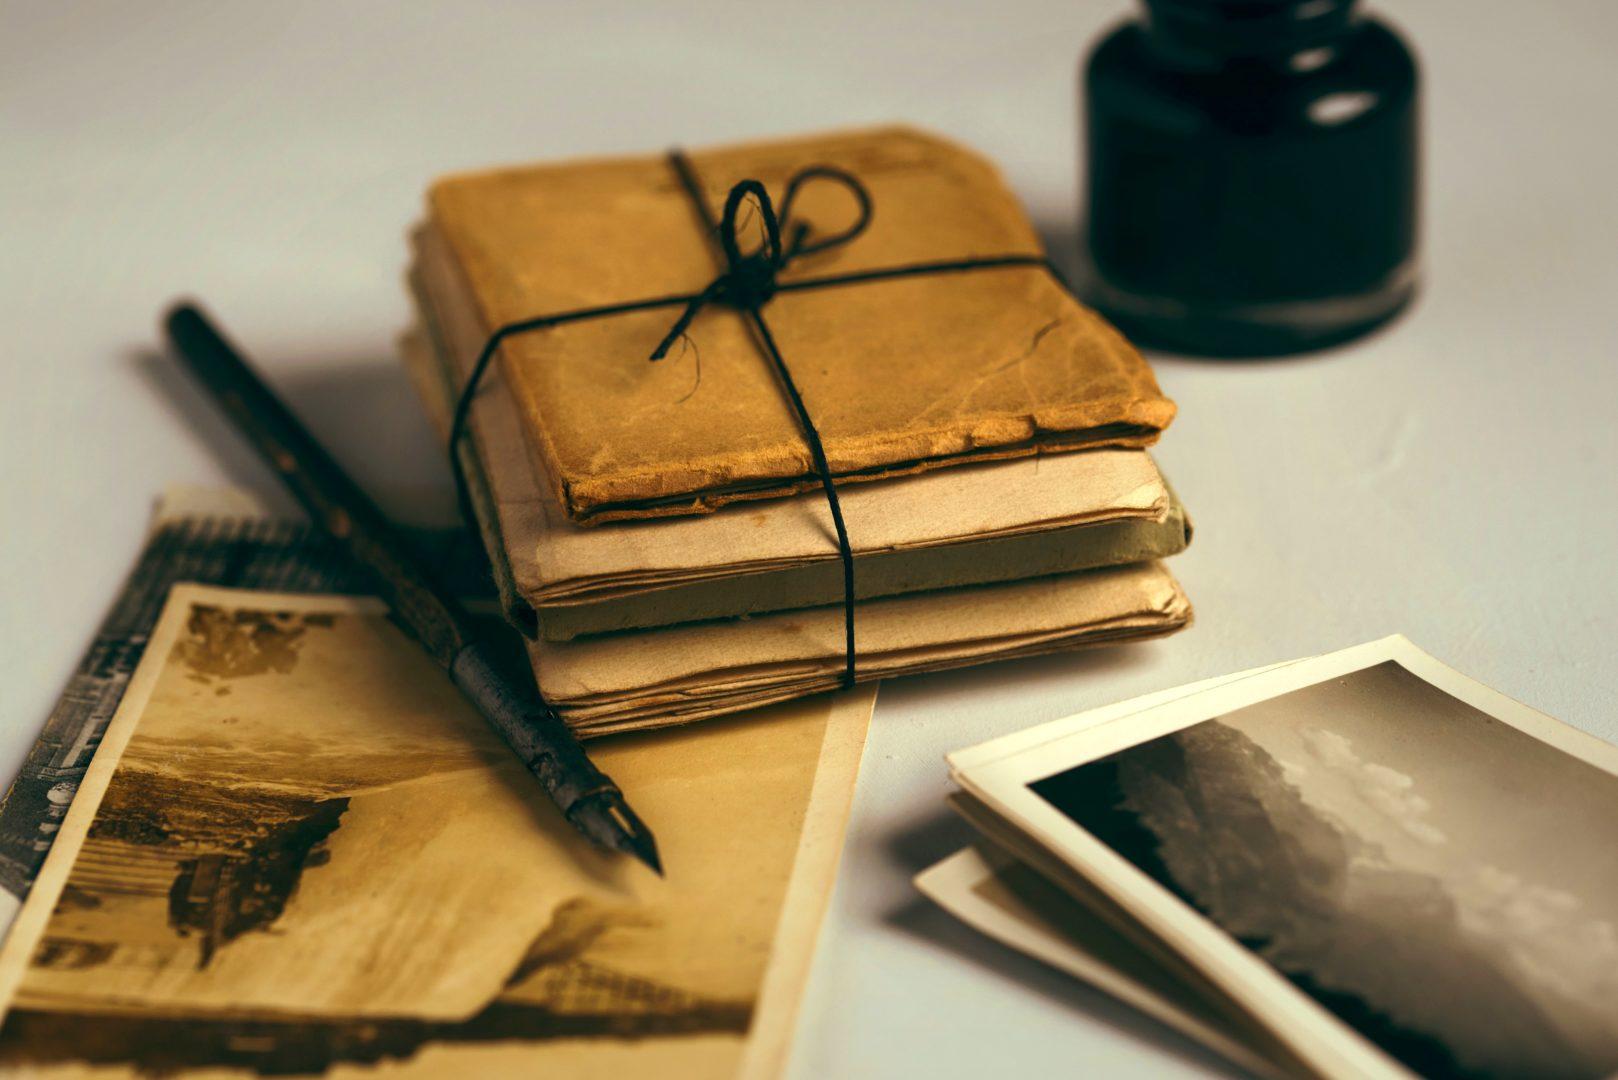 Nieopowiedziane historie – warsztaty poszukiwania zapomnianych opowieści tworzenia junk journali